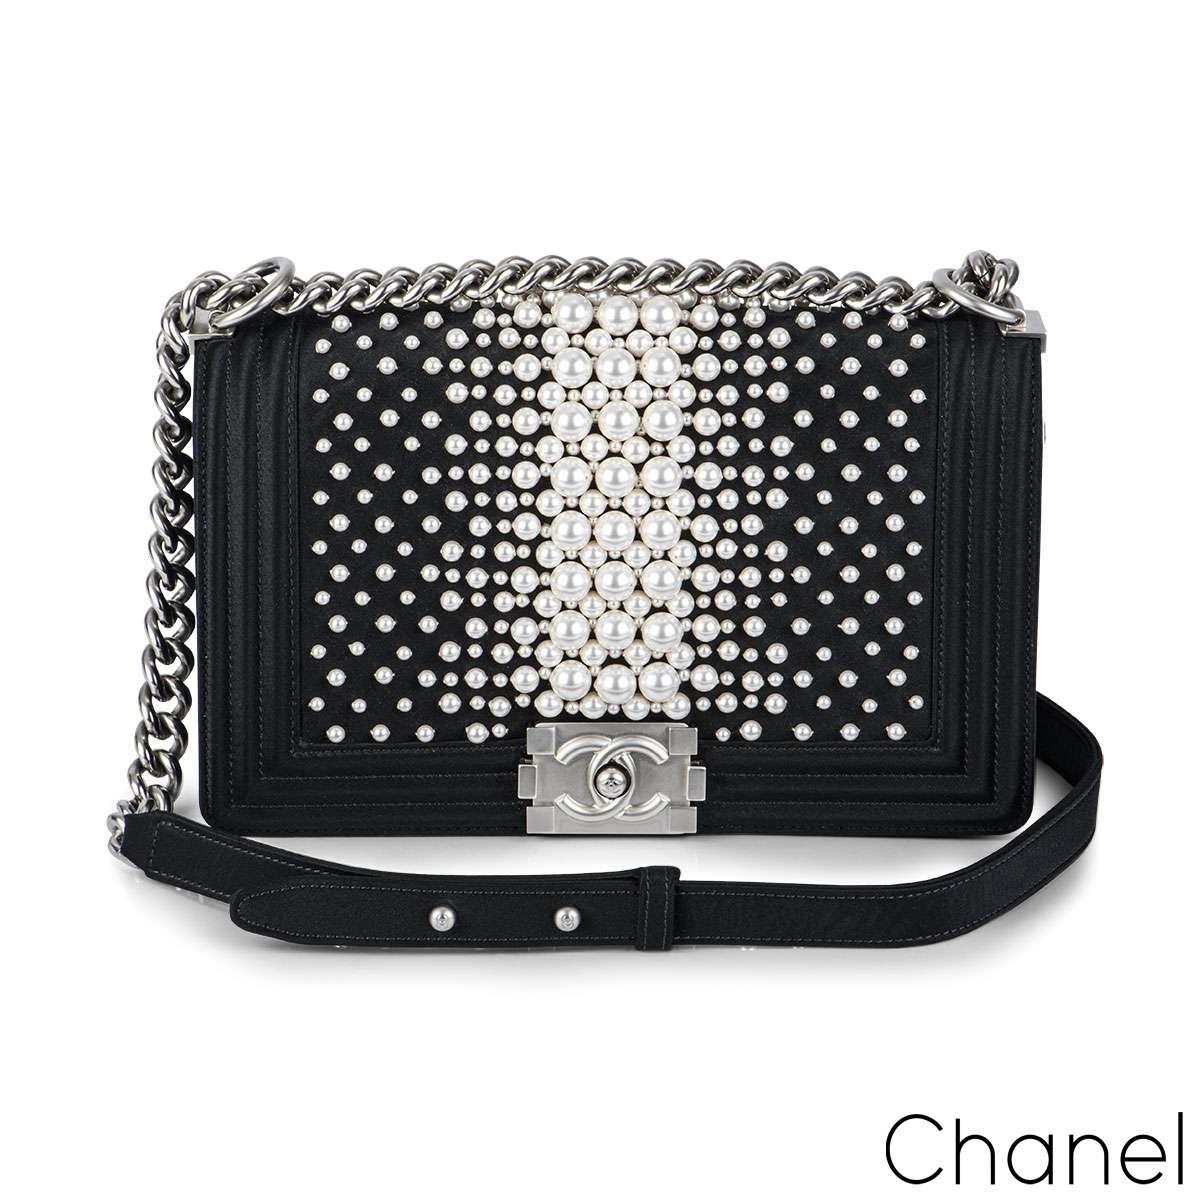 Chanel Limited Edition Pearl Medium Boy Bag